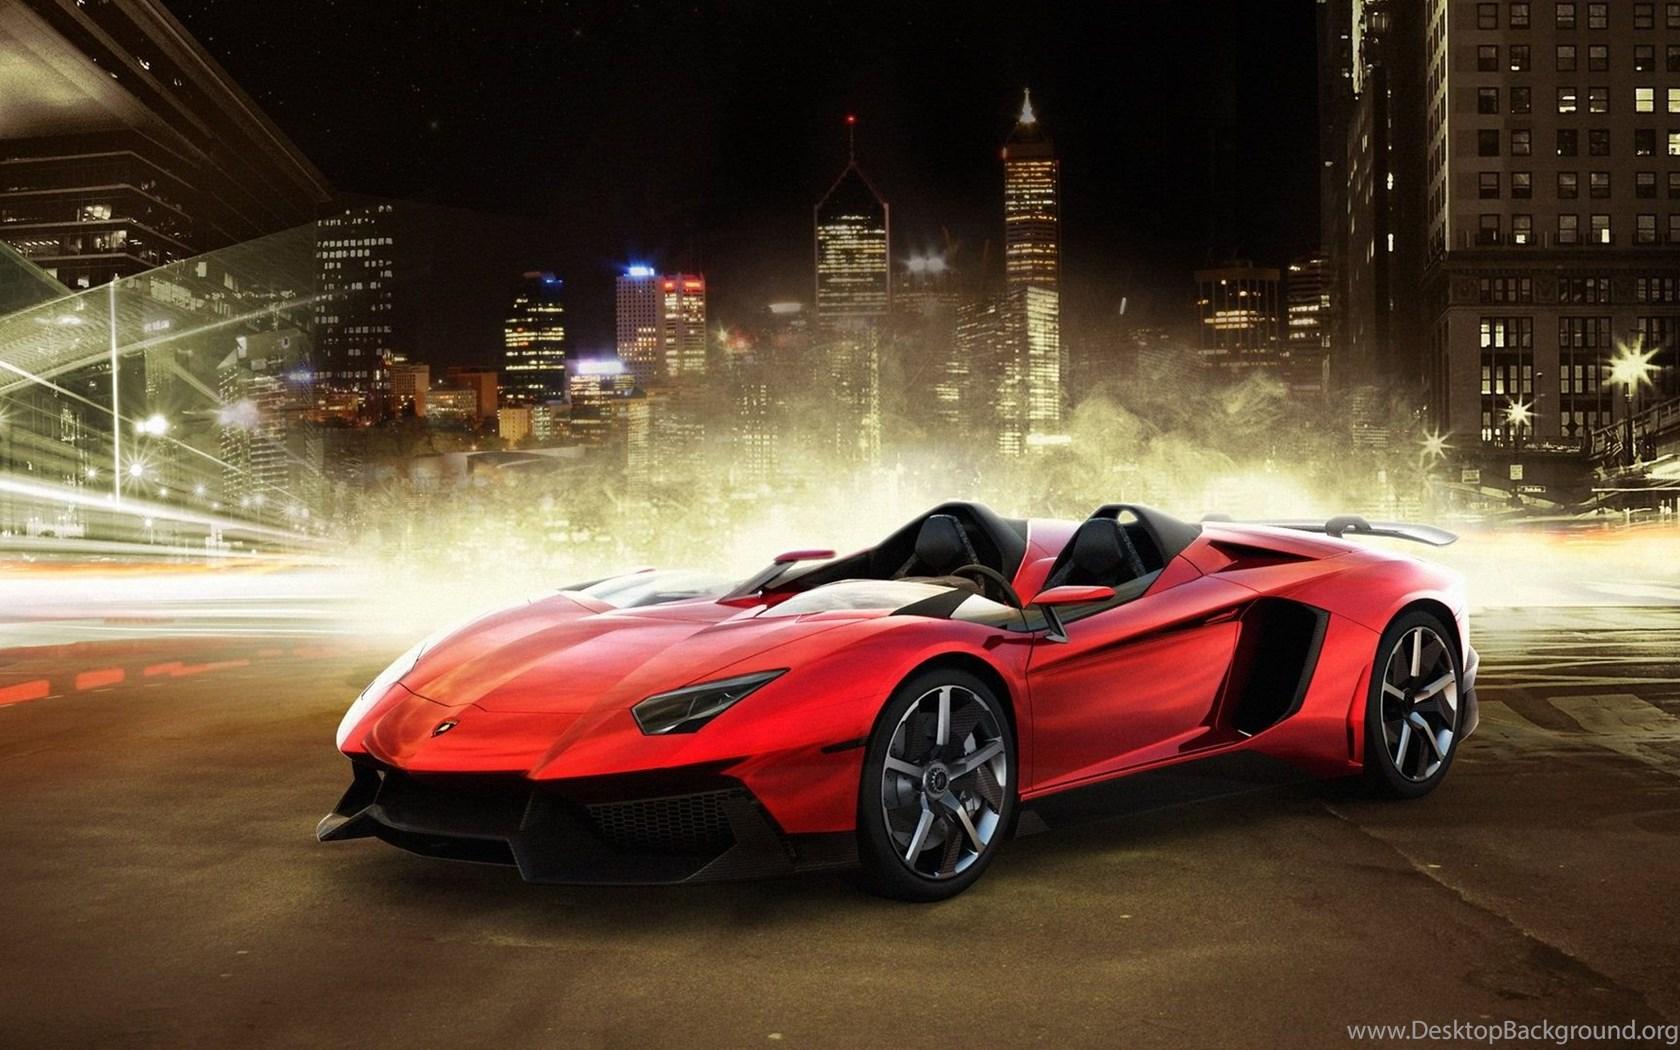 Lamborghini Car Hd Wallpapers For Pc Attachment 8606 Amazing